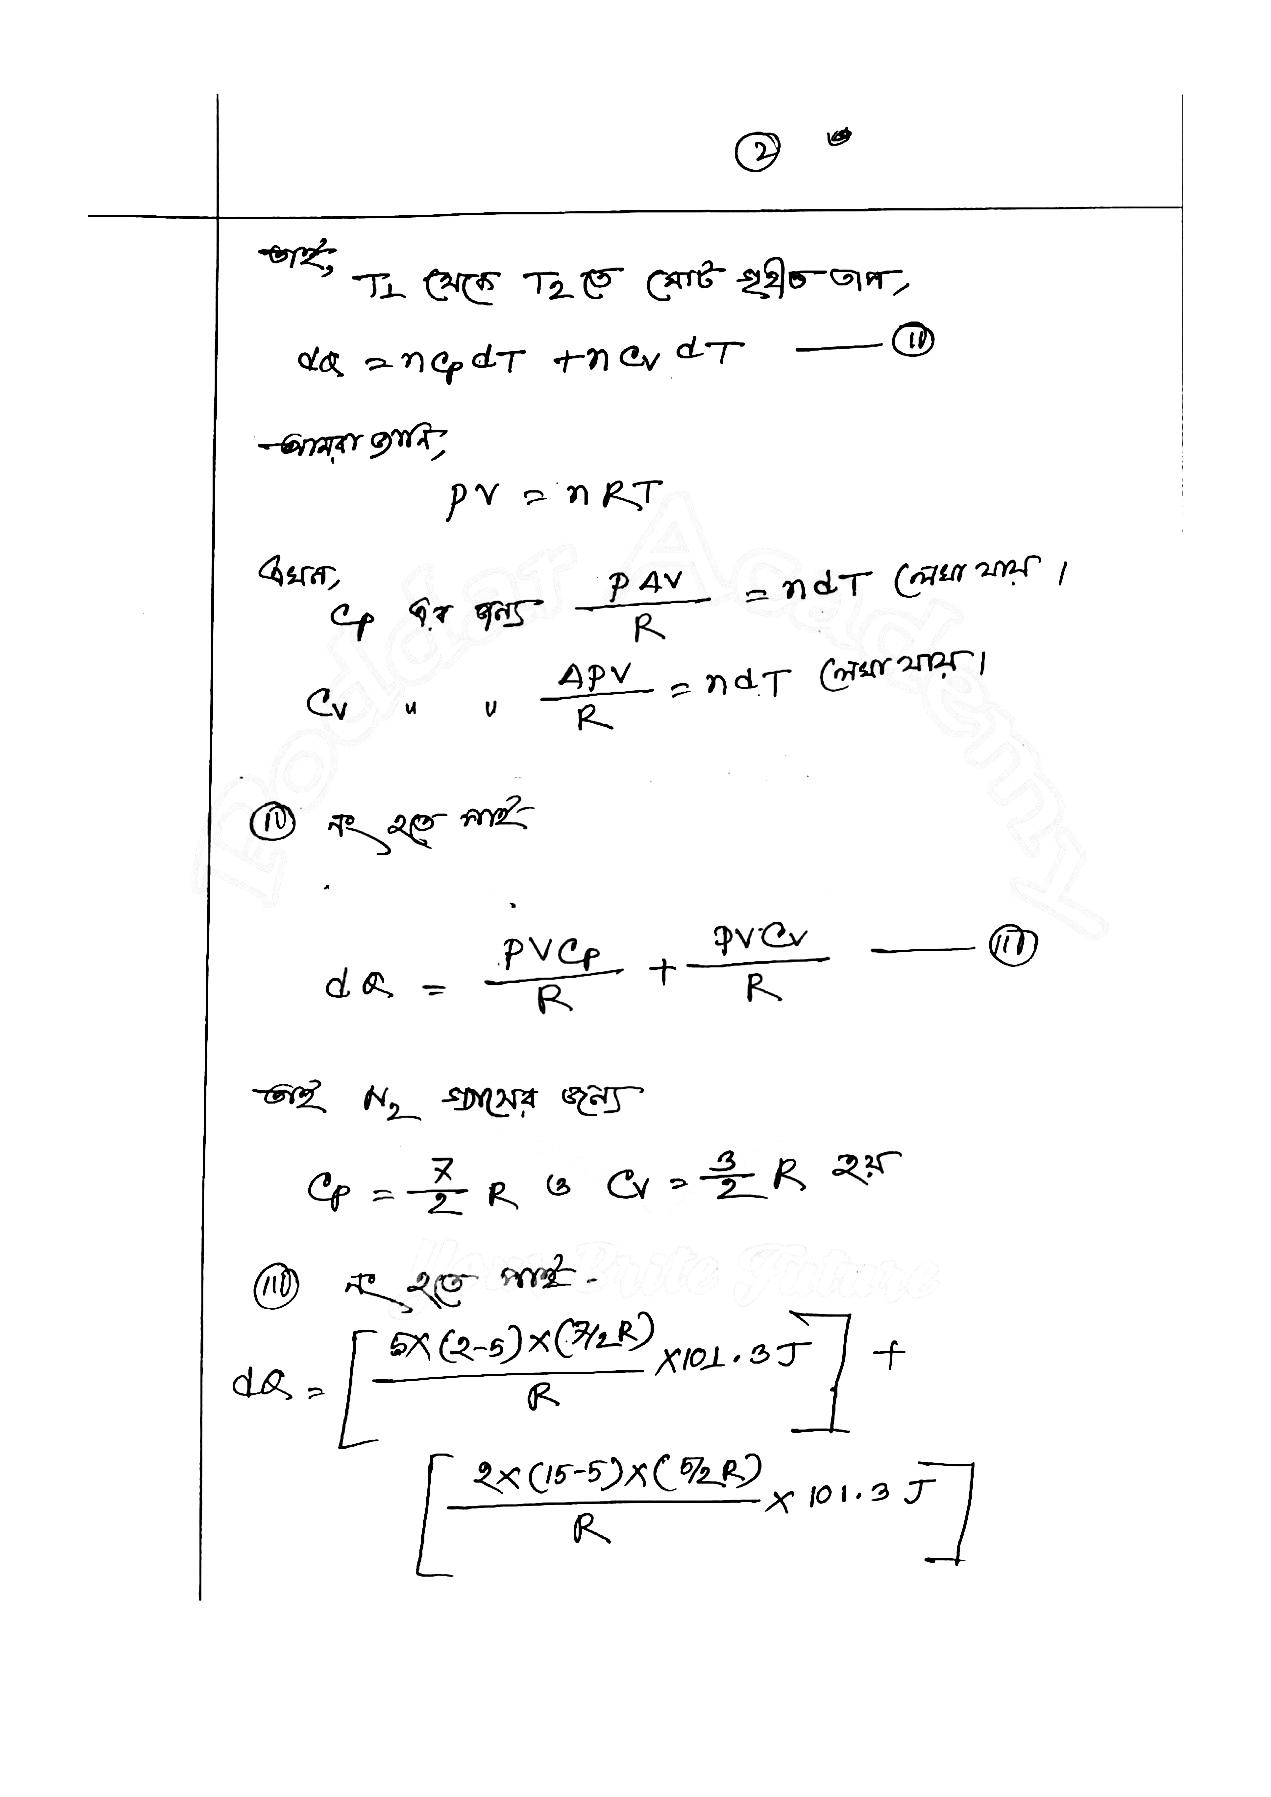 এইচএসসি/আলিম ২য় সপ্তাহের পদার্থবিজ্ঞান ২য় পত্র এসাইনমেন্ট সমাধান/উত্তর ২০২১ | Hsc/Alim 2nd Week Physics 2nd Paper Assignment 2022